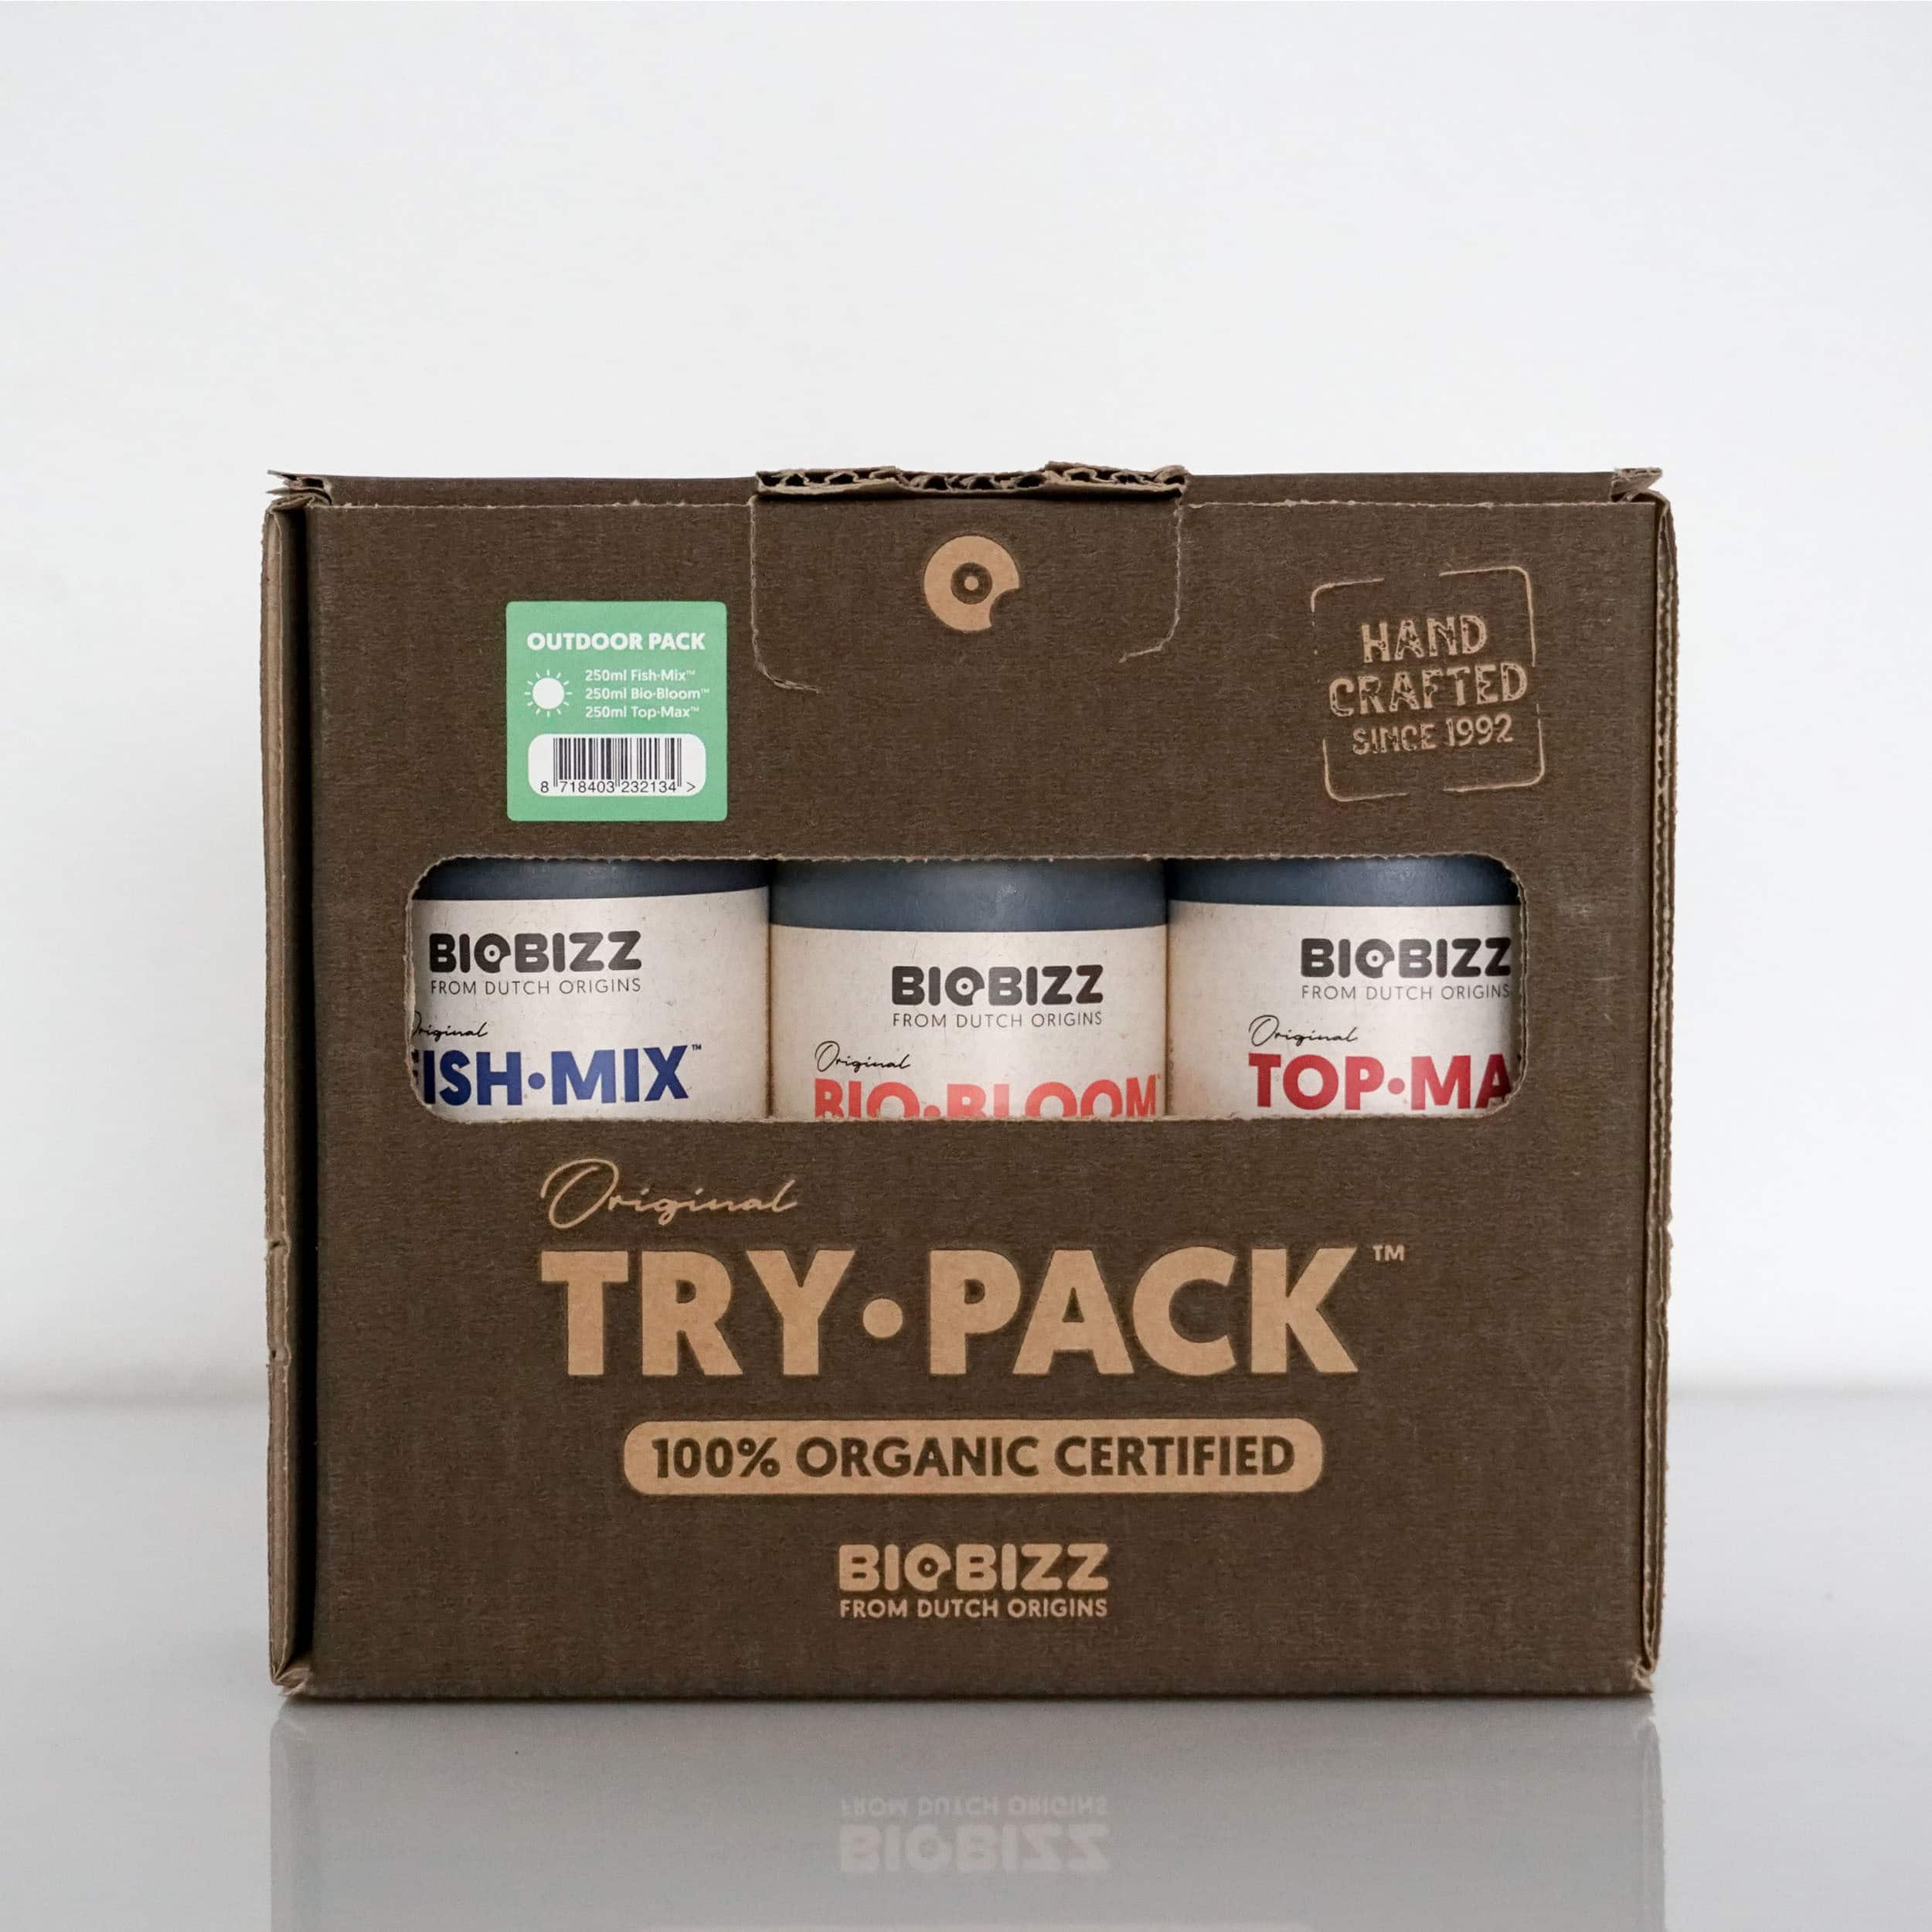 Trypack Outdoor Probierpaket